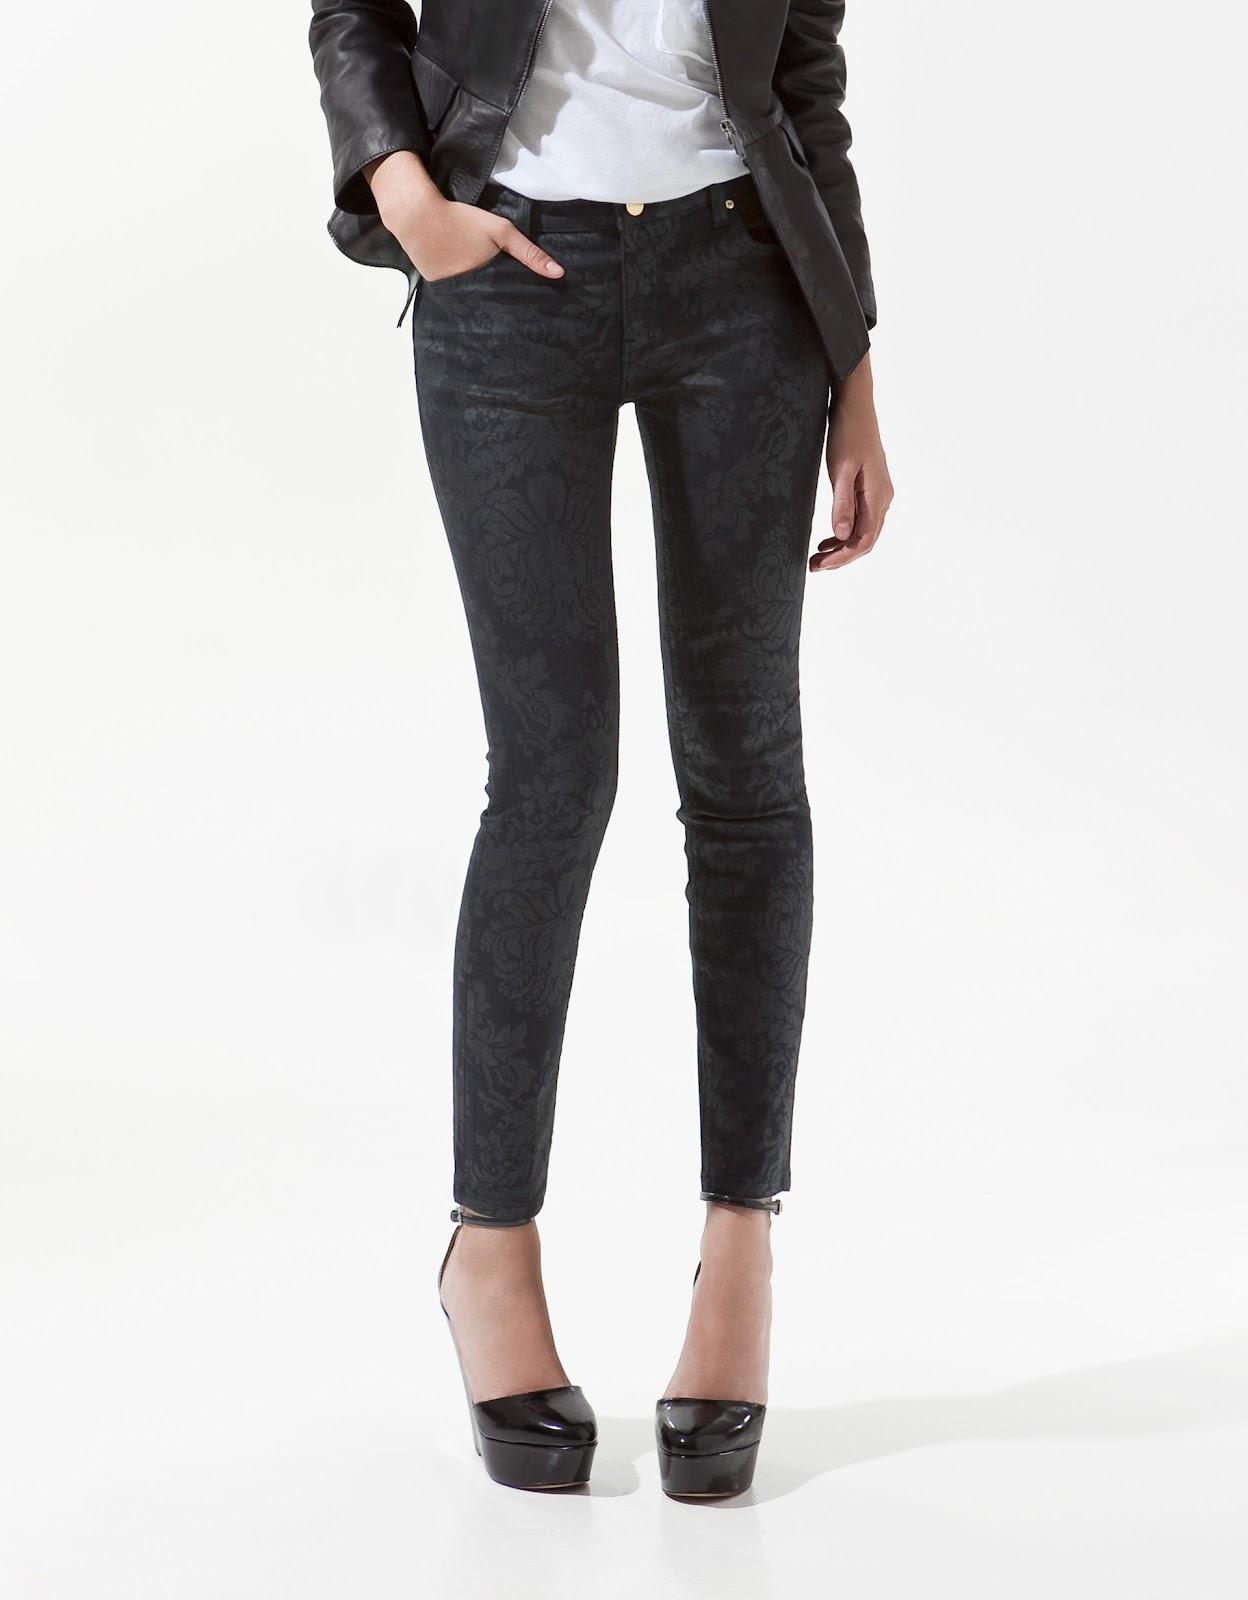 http://2.bp.blogspot.com/-TAdj0eYUu6g/UAPG63Z2rvI/AAAAAAAAD2w/SvGV_mPiLx8/s1600/zara+wallpaper+jeans+2.jpg